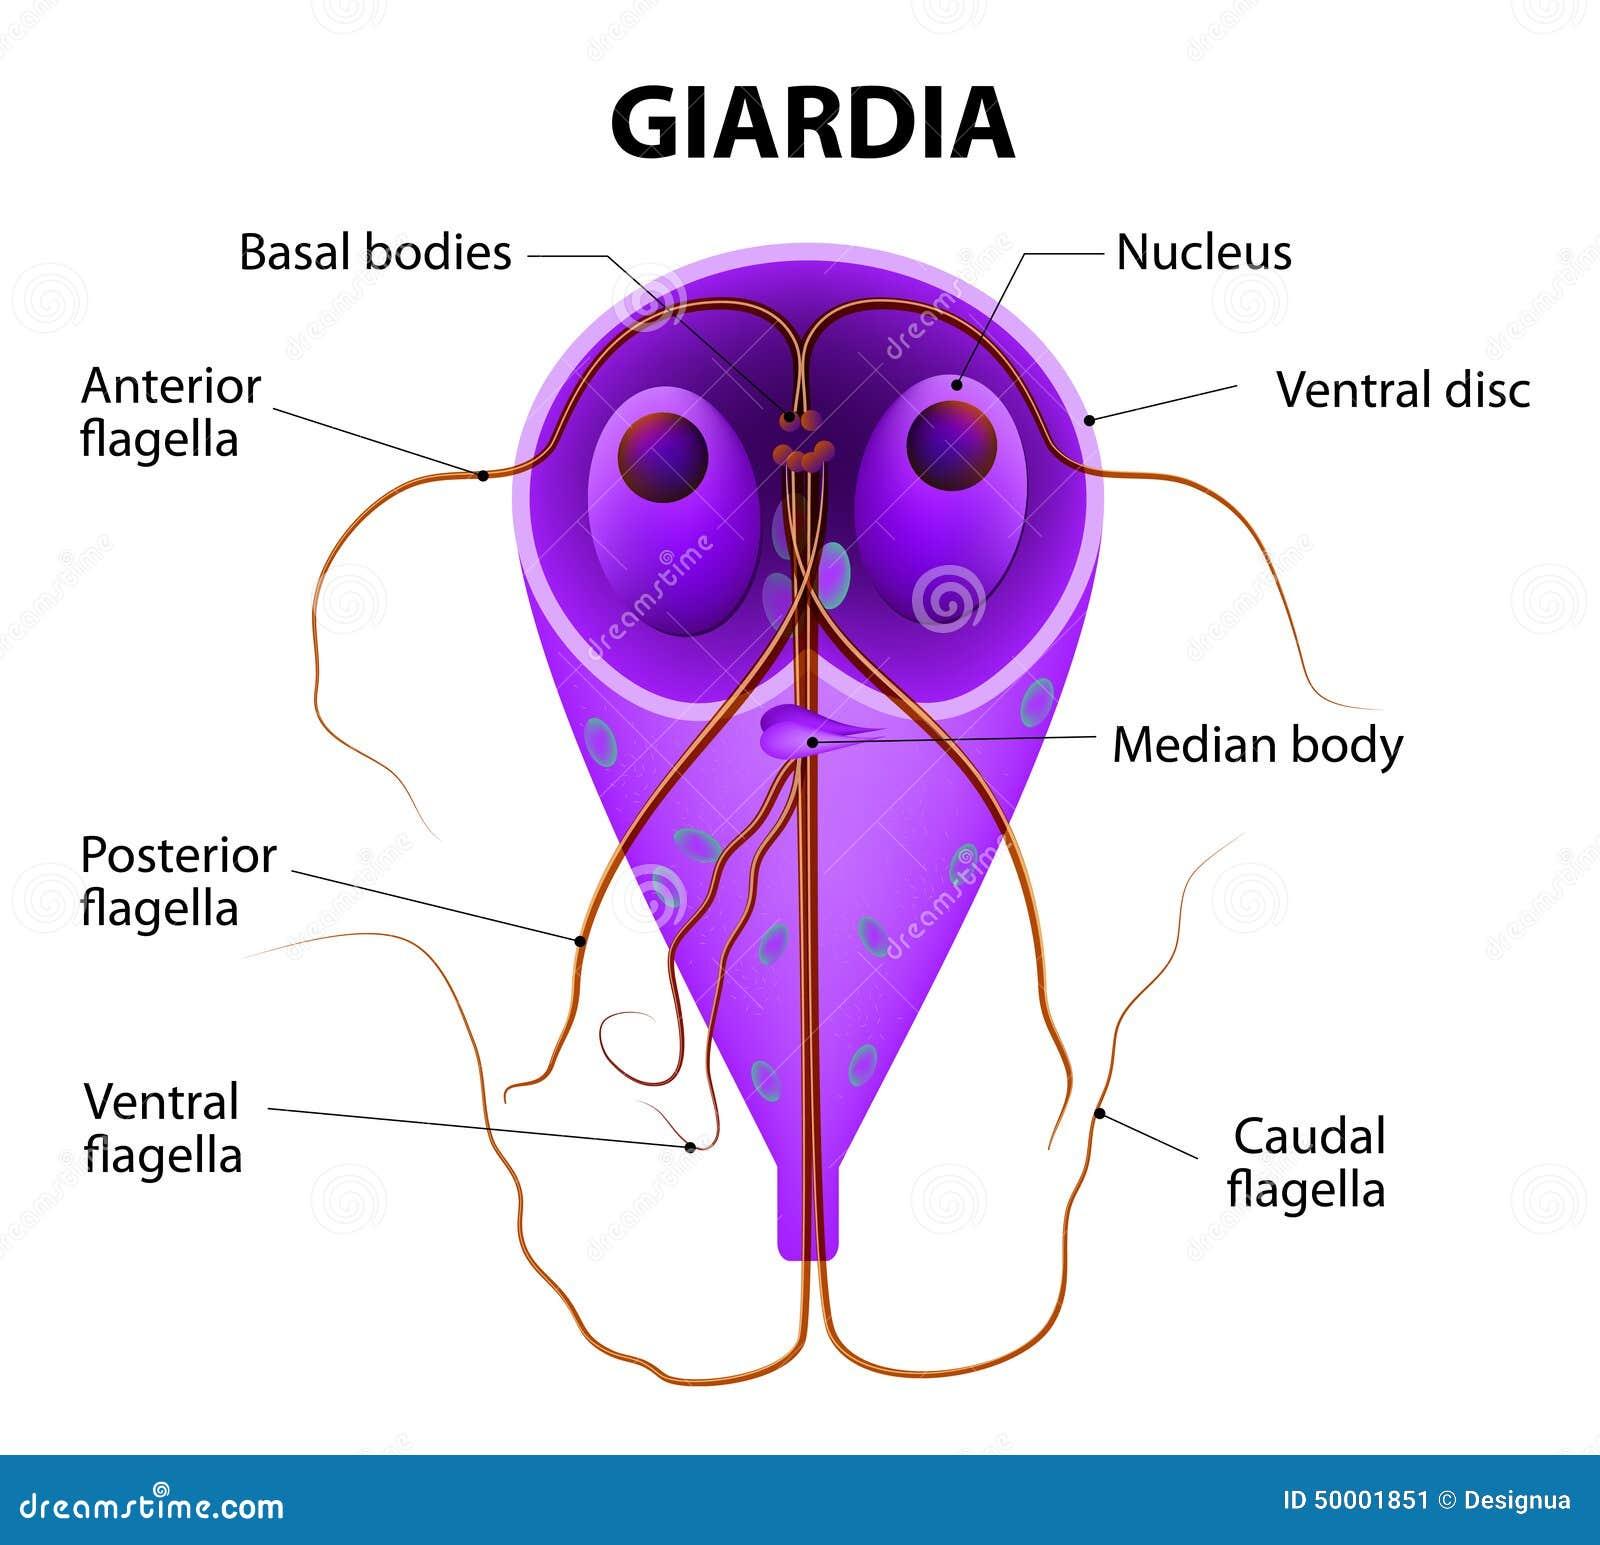 Szuszpenzió giardiasis esetén. mazsolakonyhaja.hu - Féregtelenítés